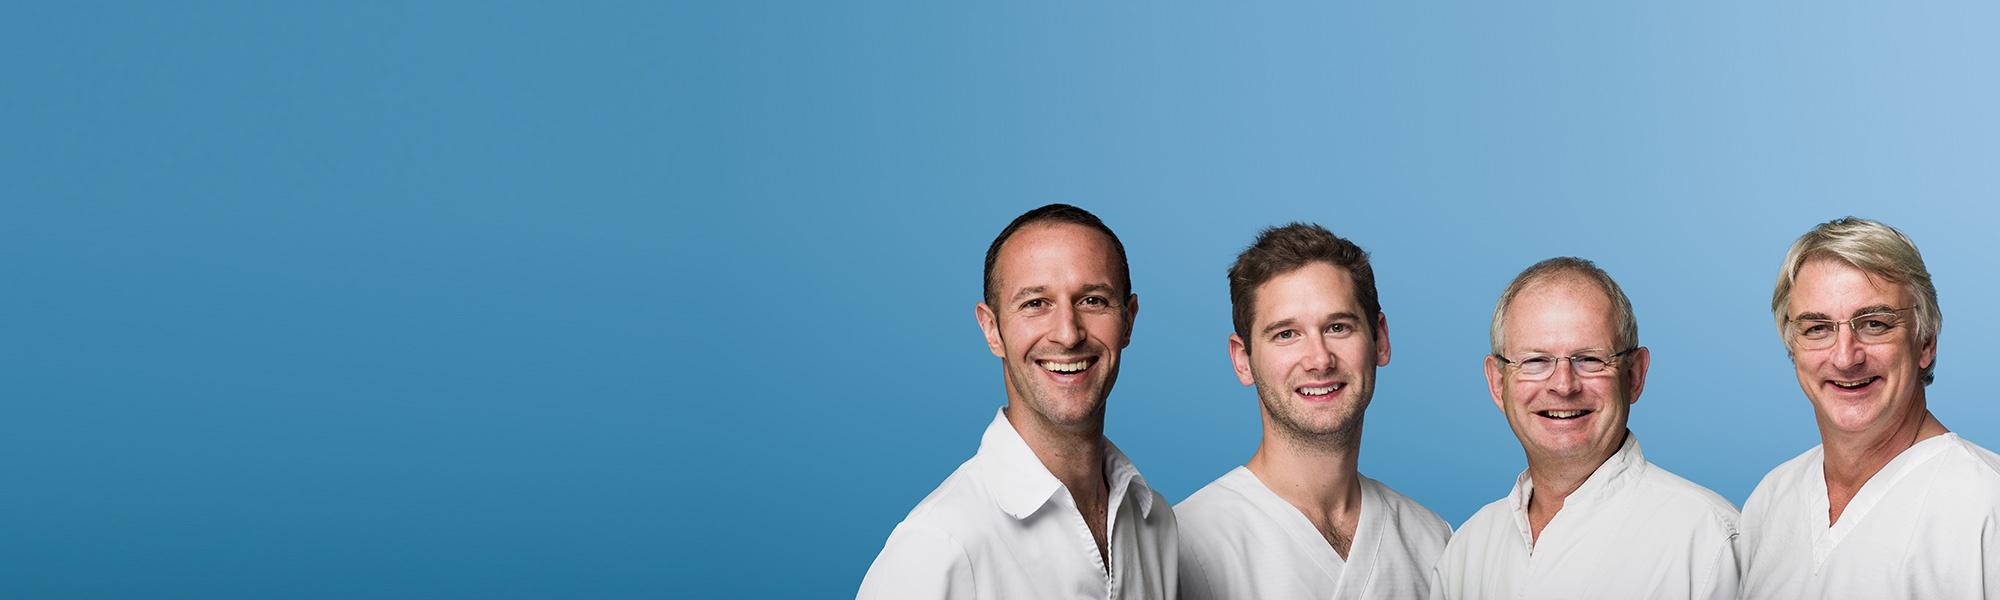 Dental-implants-and-missing-teeth.jpg